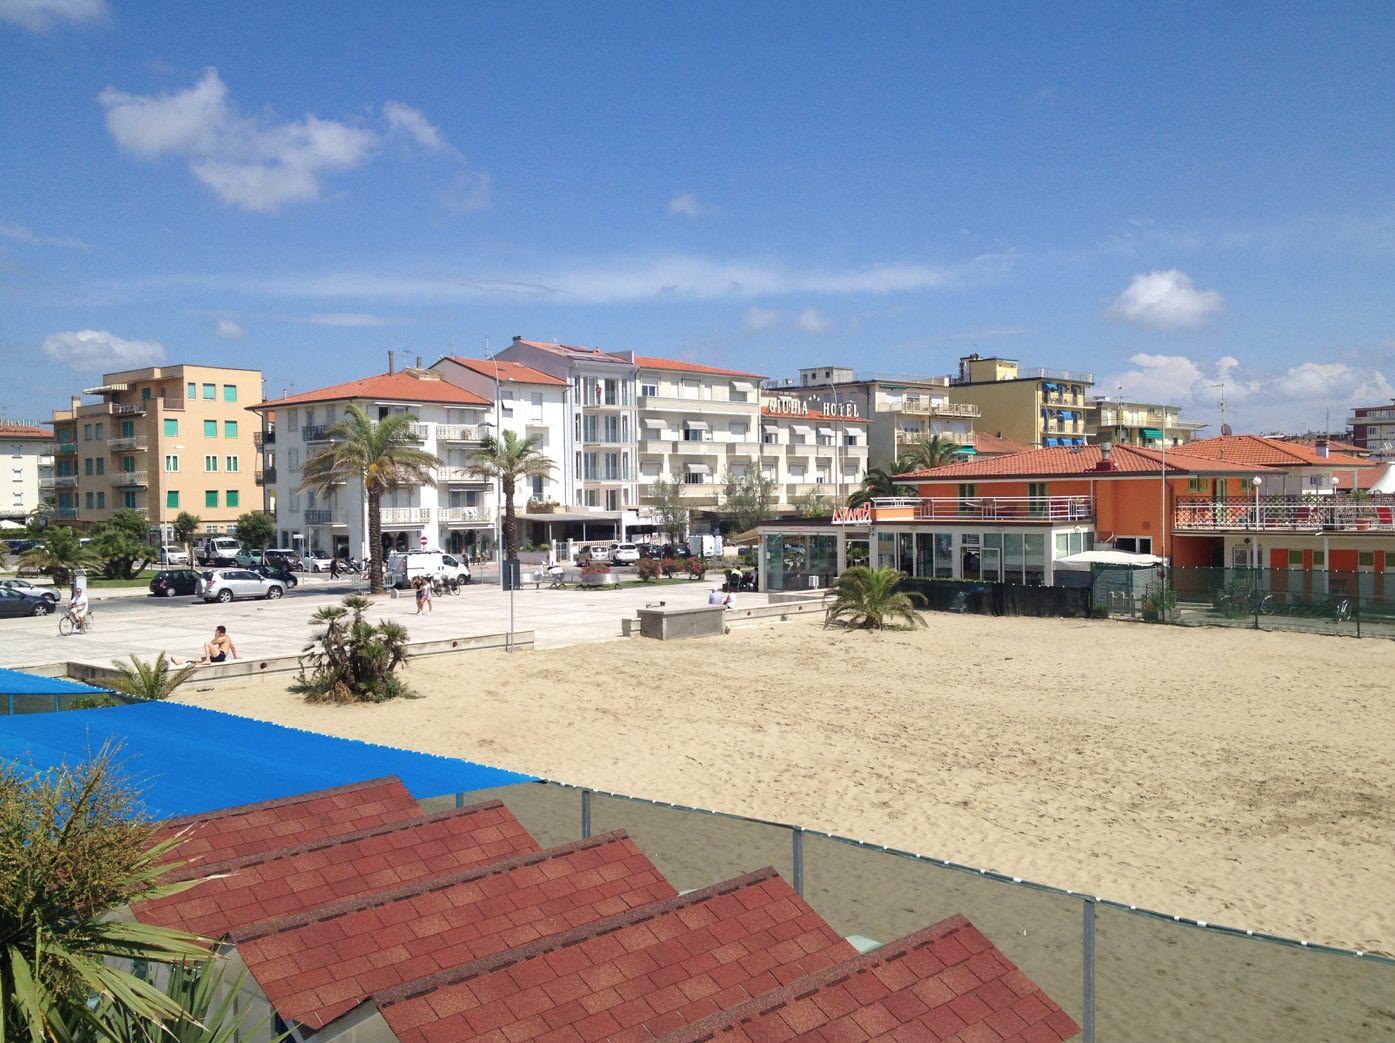 Bagnini e punti ristoro anche sulla spiaggia libera